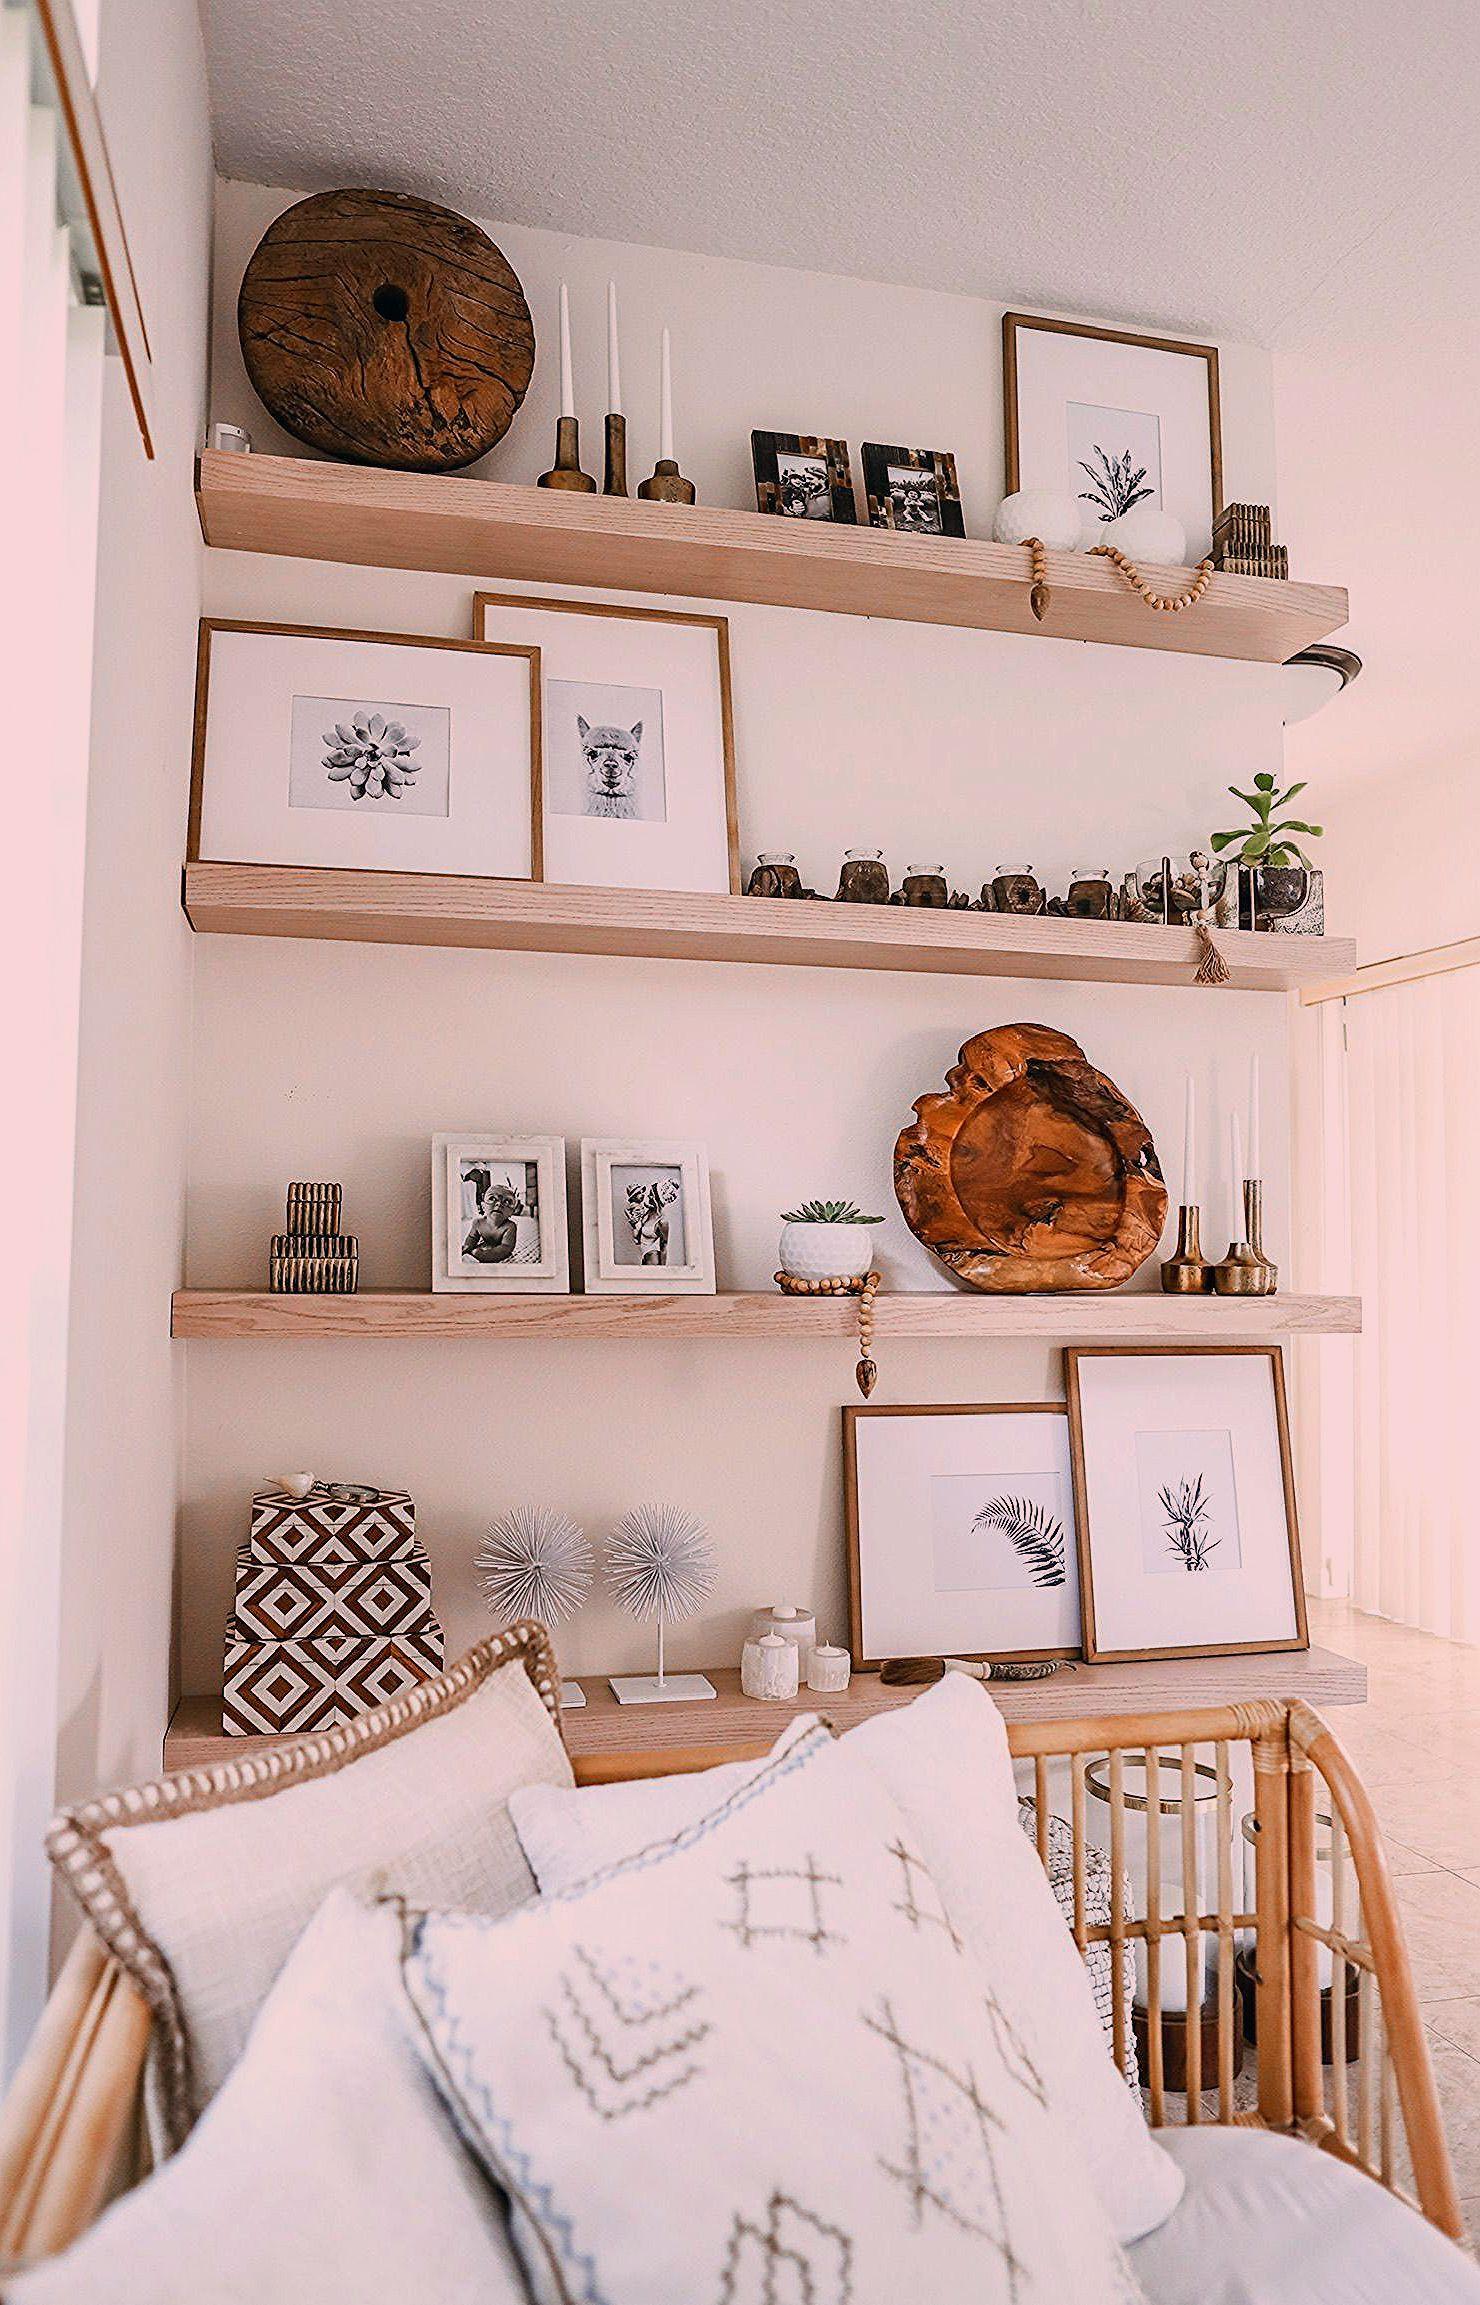 Floating Shelf Floating Shelves Decor Home Decor Shelf Decor